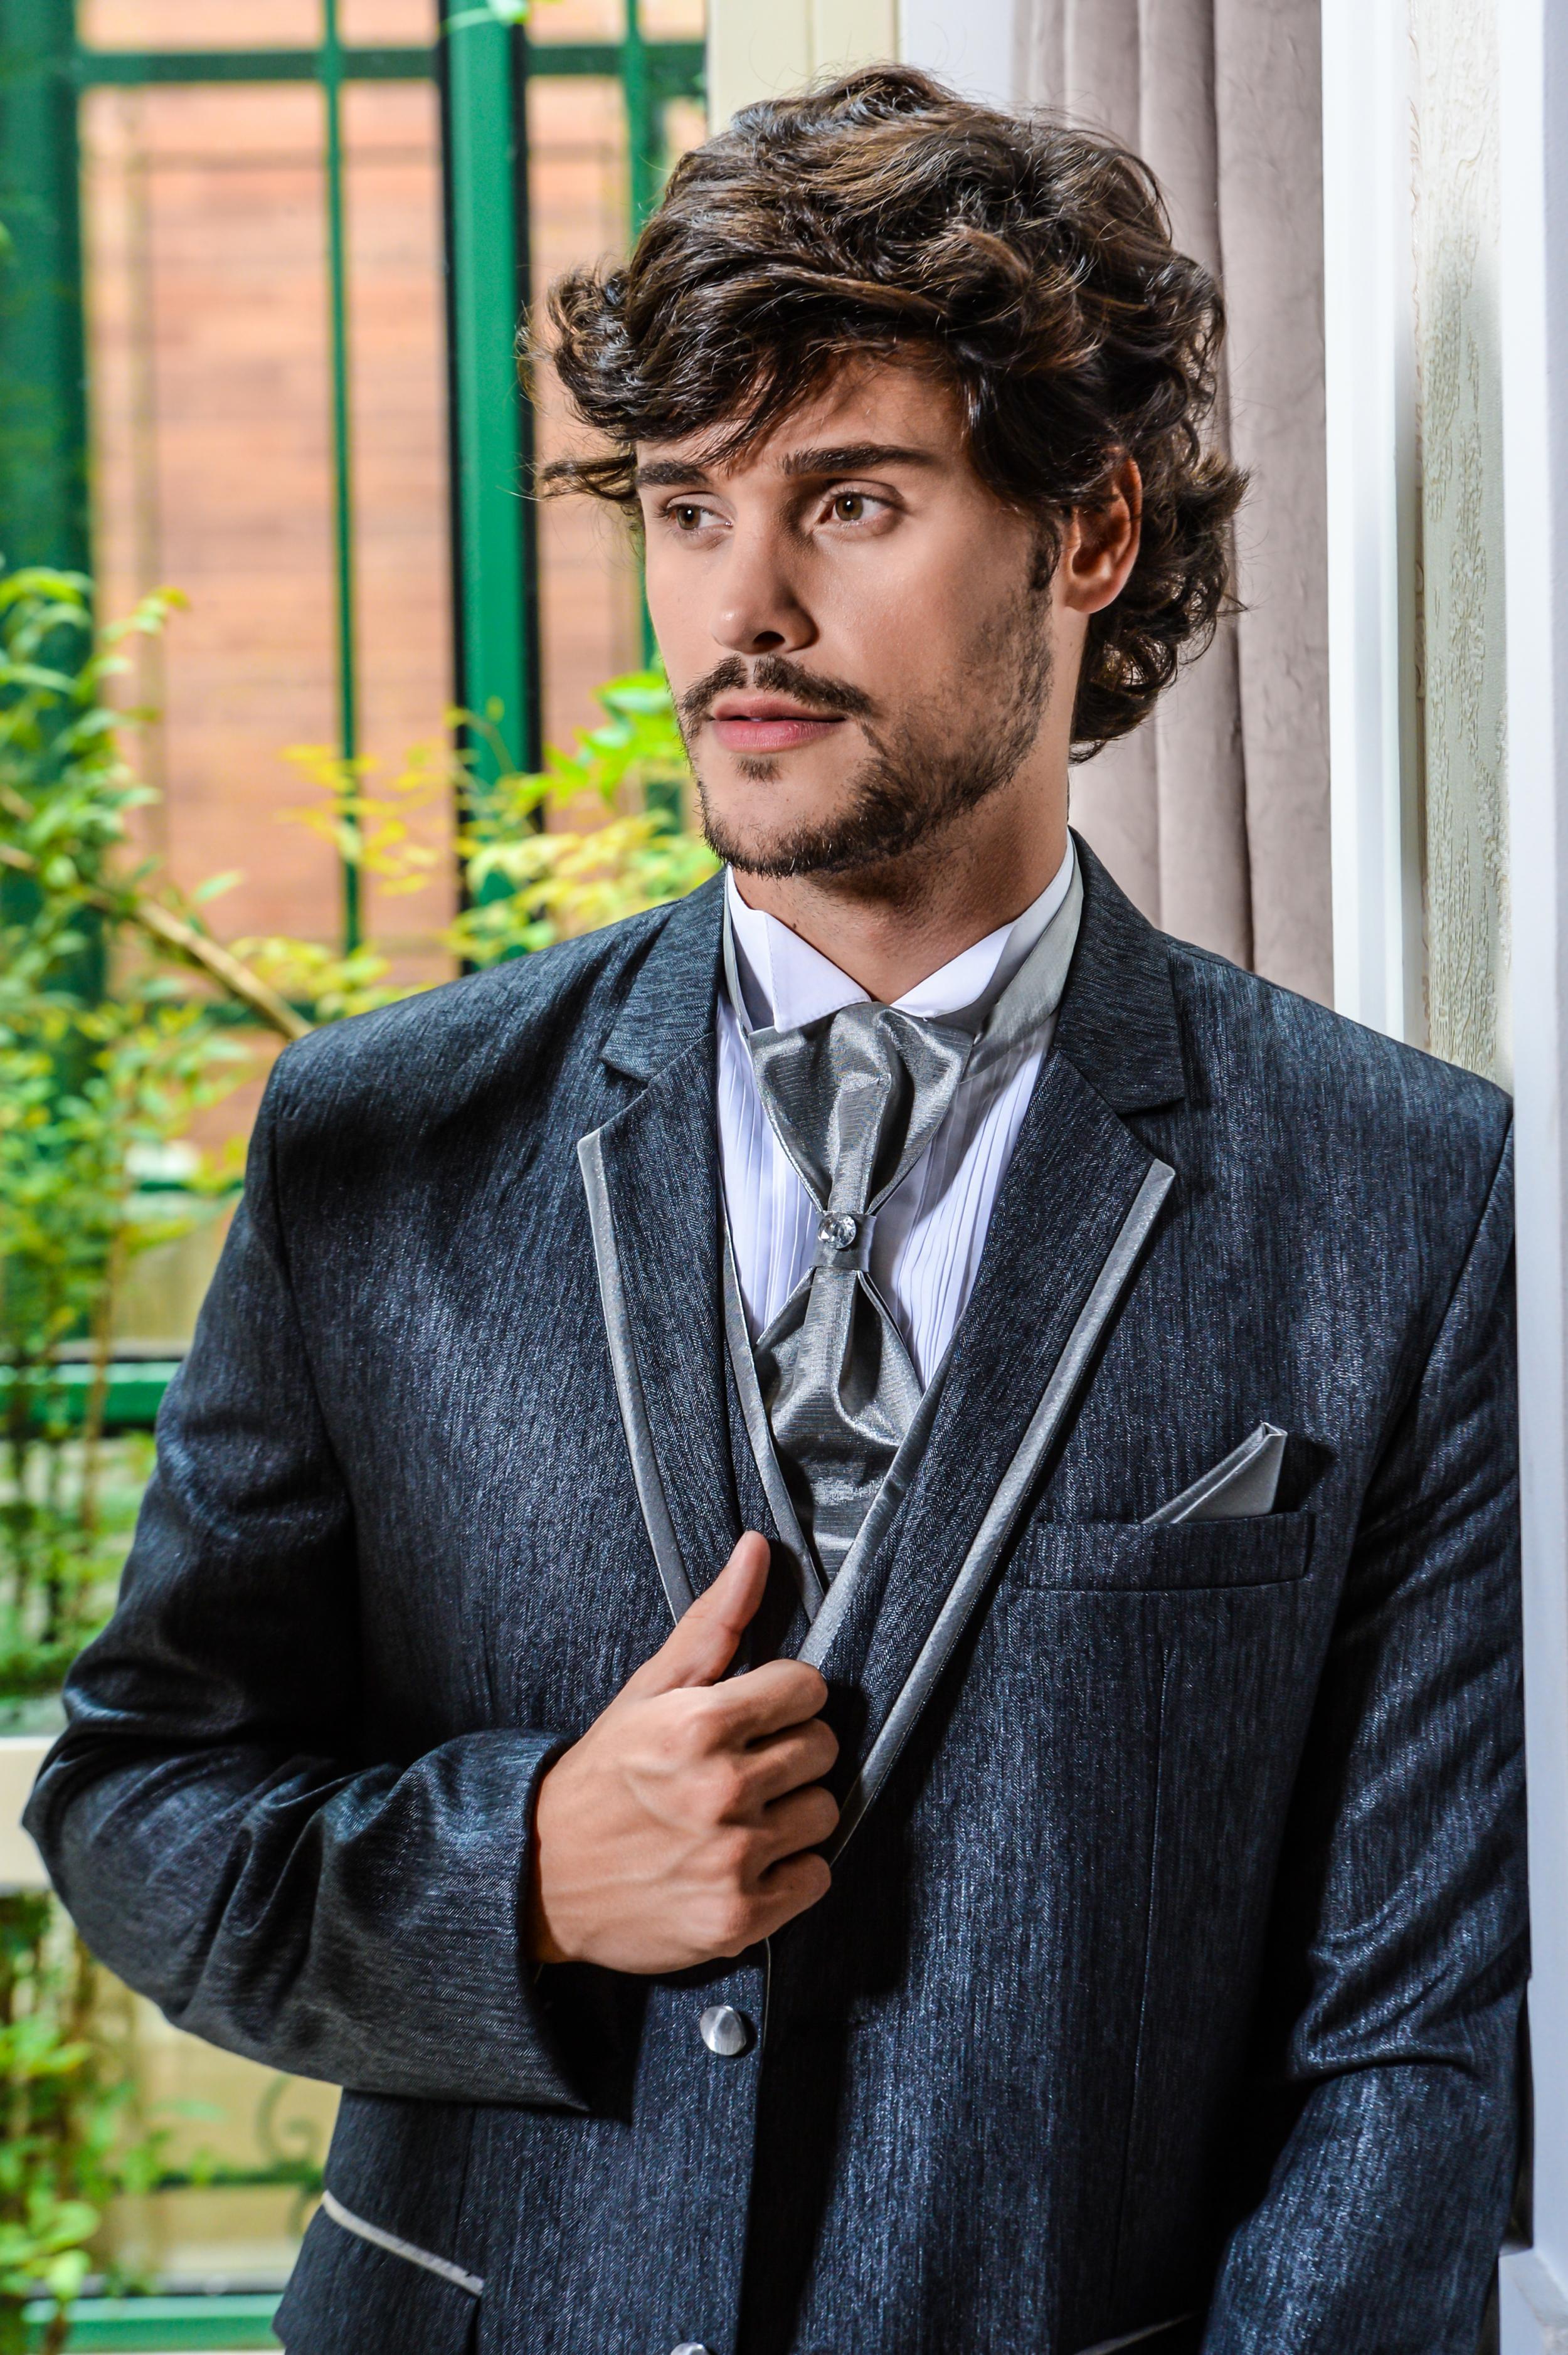 69 - Terno cinza com colete e gravata noivo